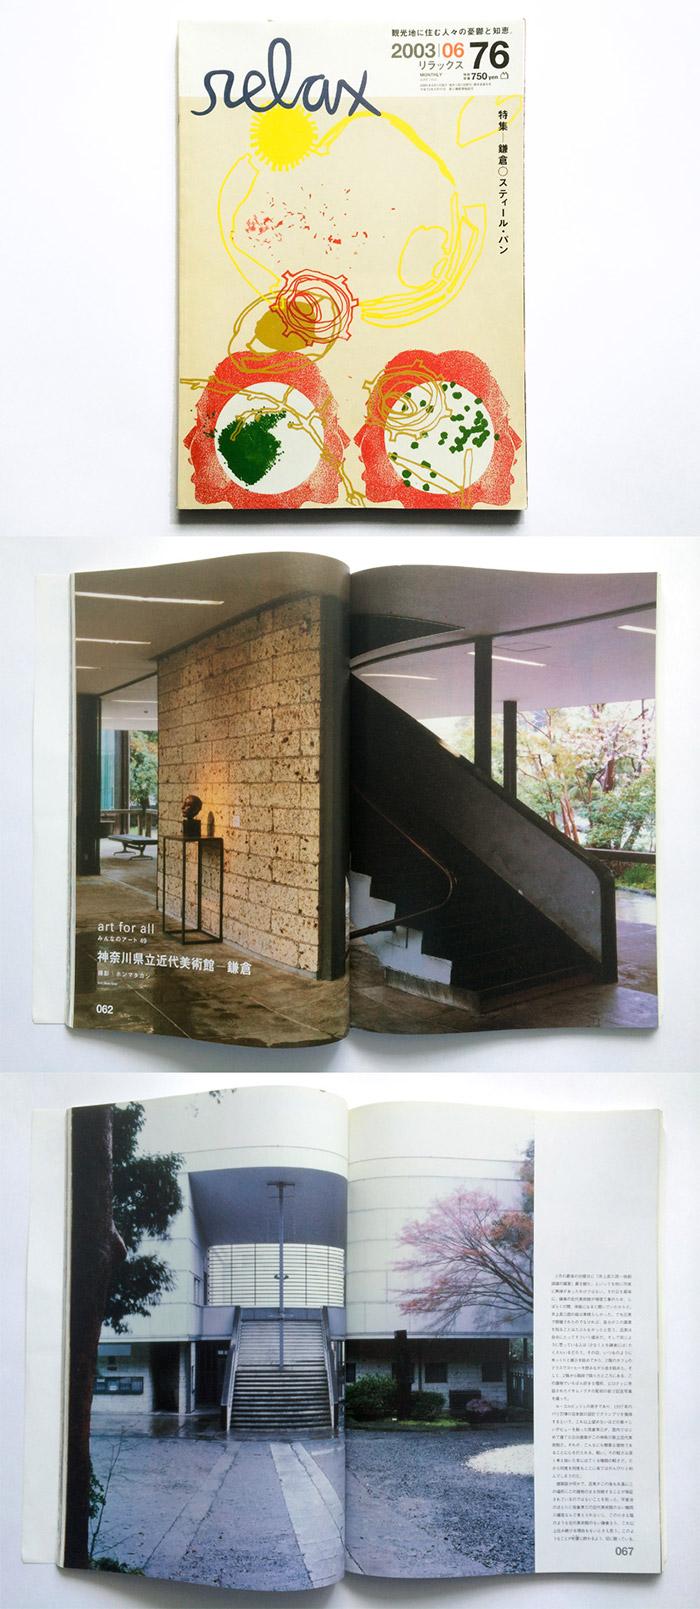 『relax』2003年6月号(マガジンハウス)の該当ページ。ご覧になりたい方は古書店でお探しくださいませ。